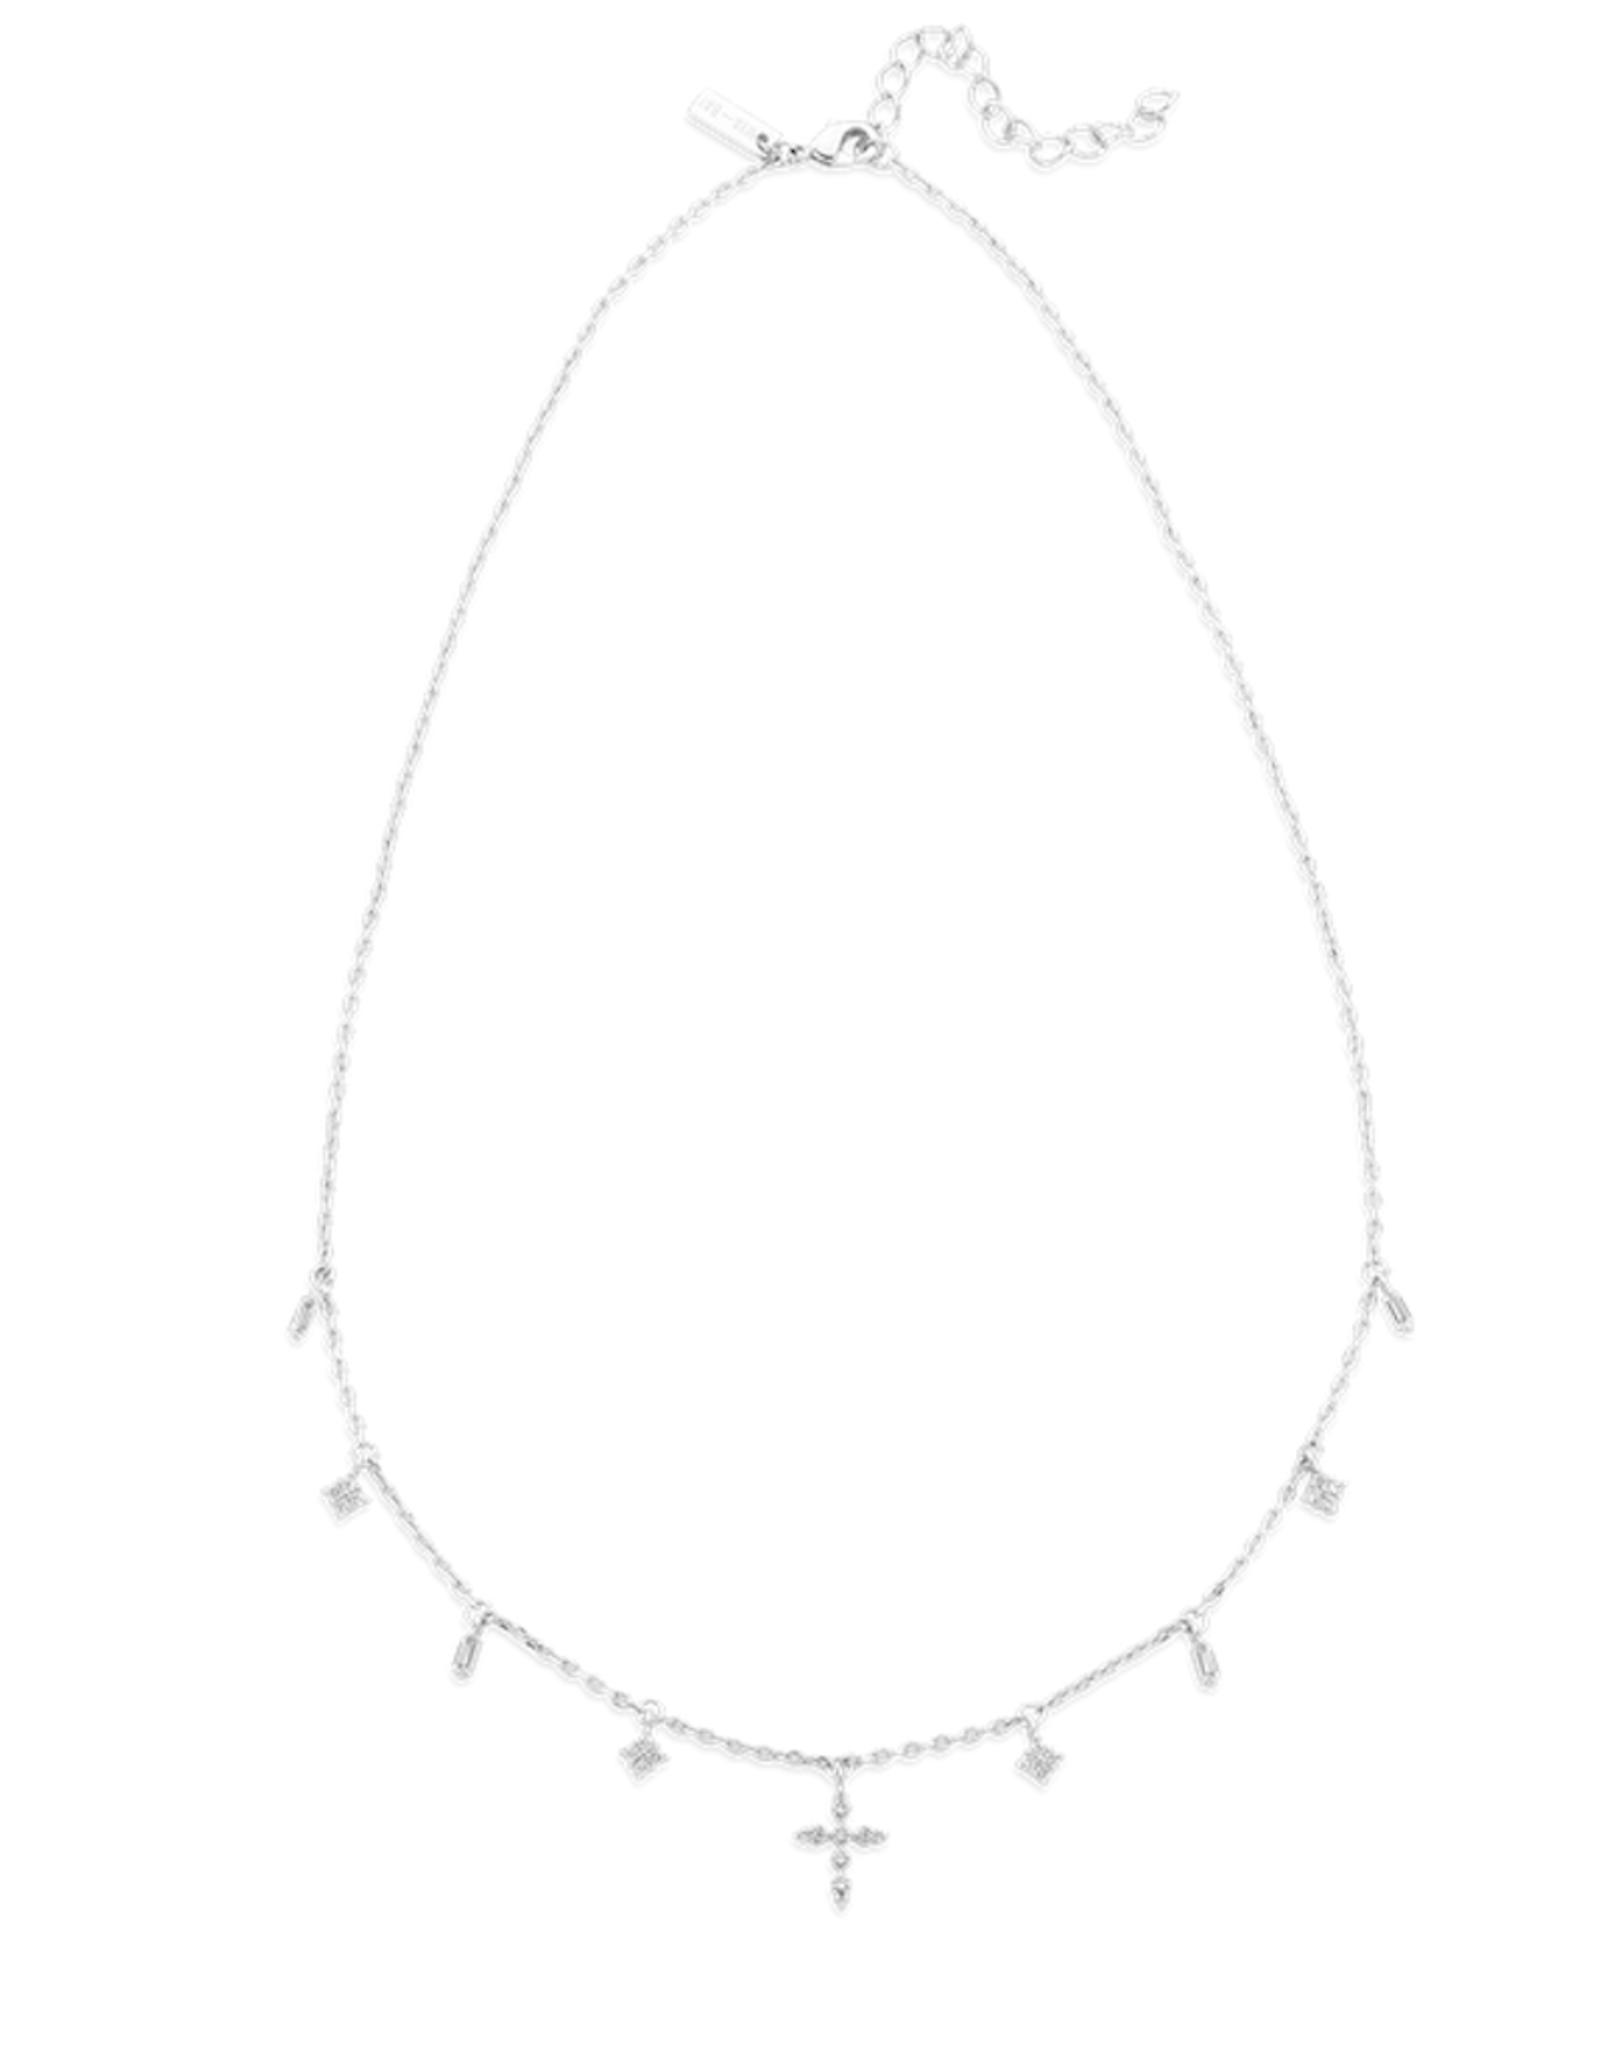 Harlem Necklace